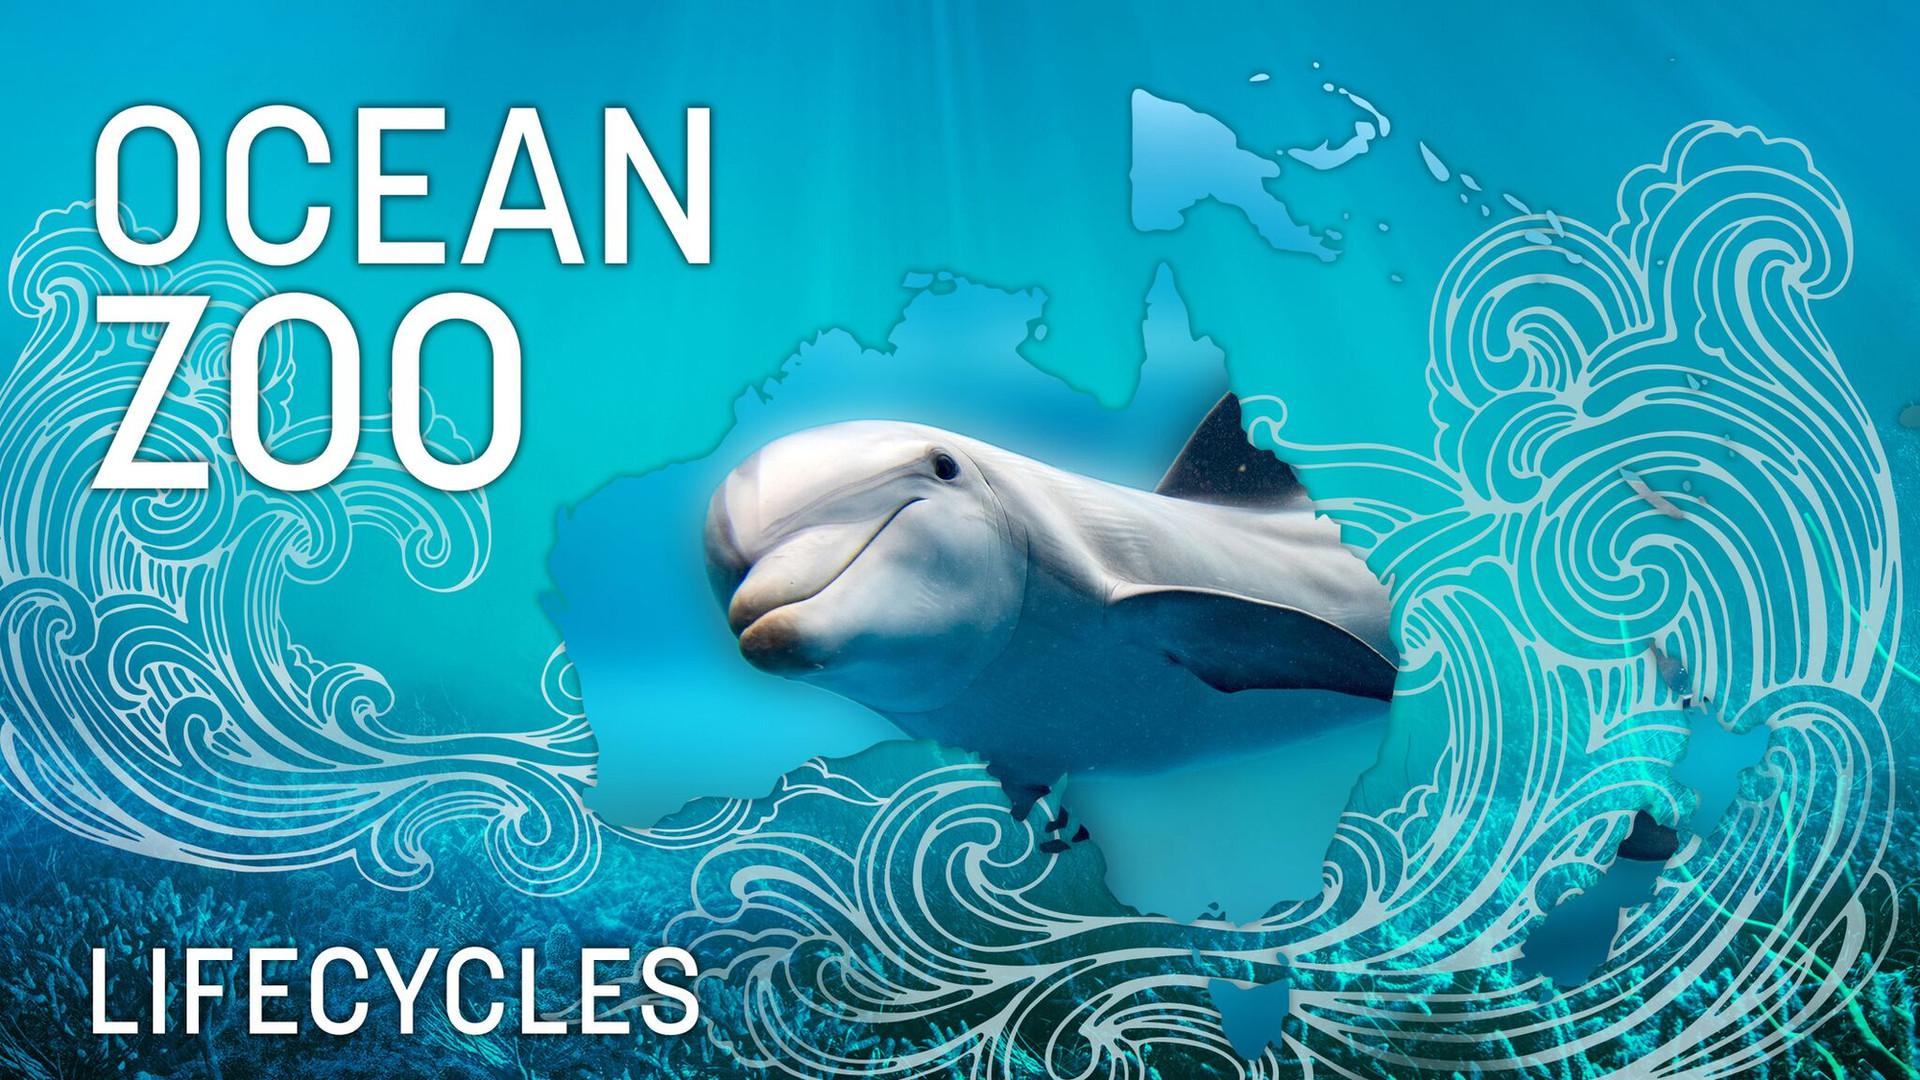 Ocean-Zoo-Lifecycles.jpg